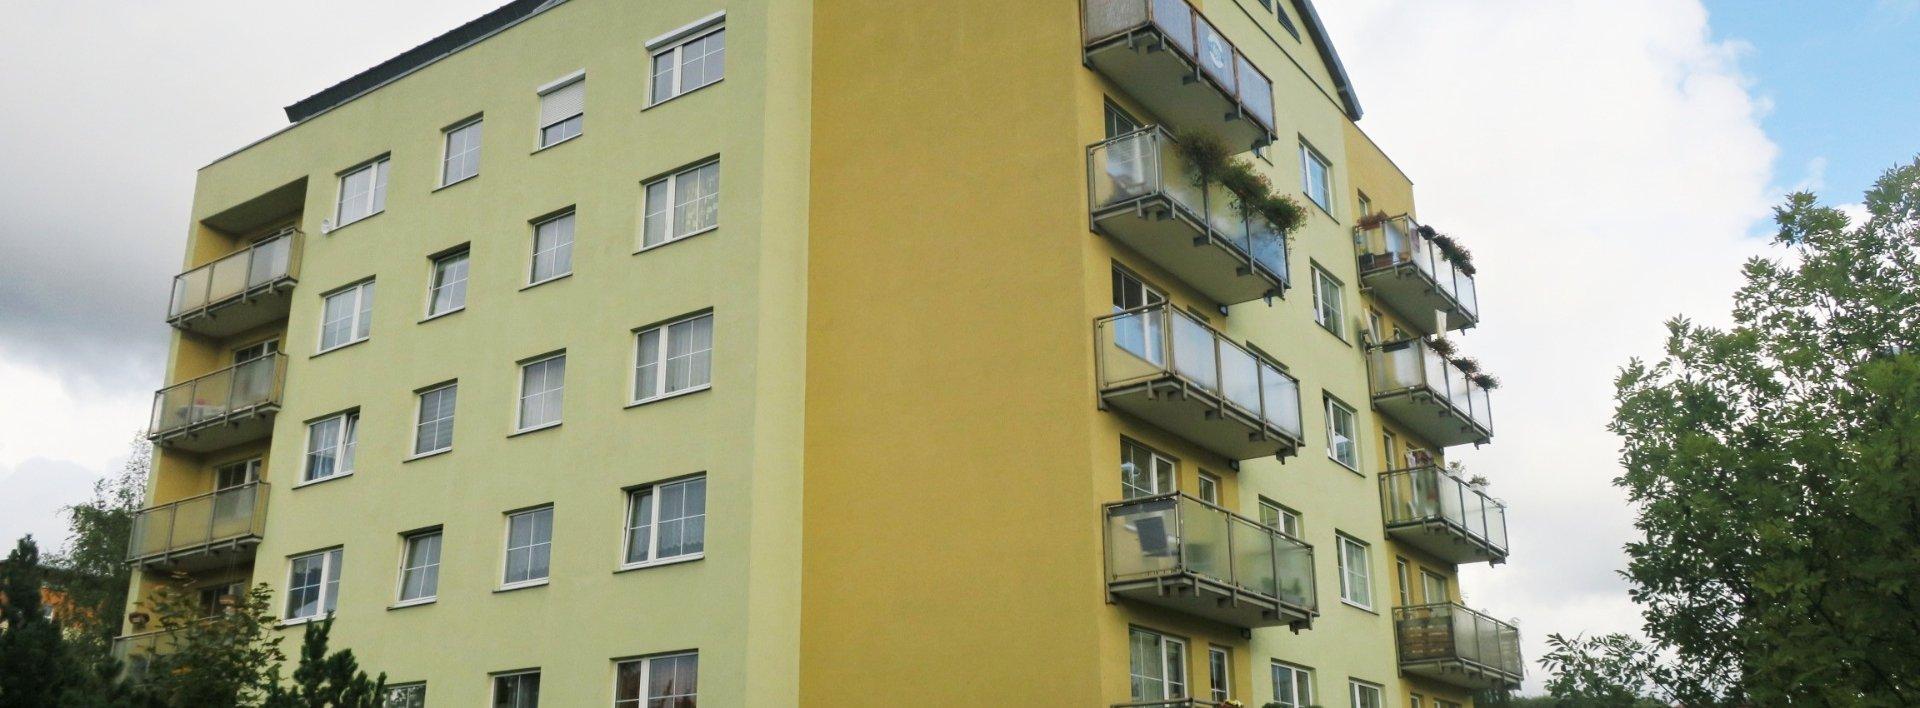 Prodej útulného bytu 1+1, Ev.č.: N48902